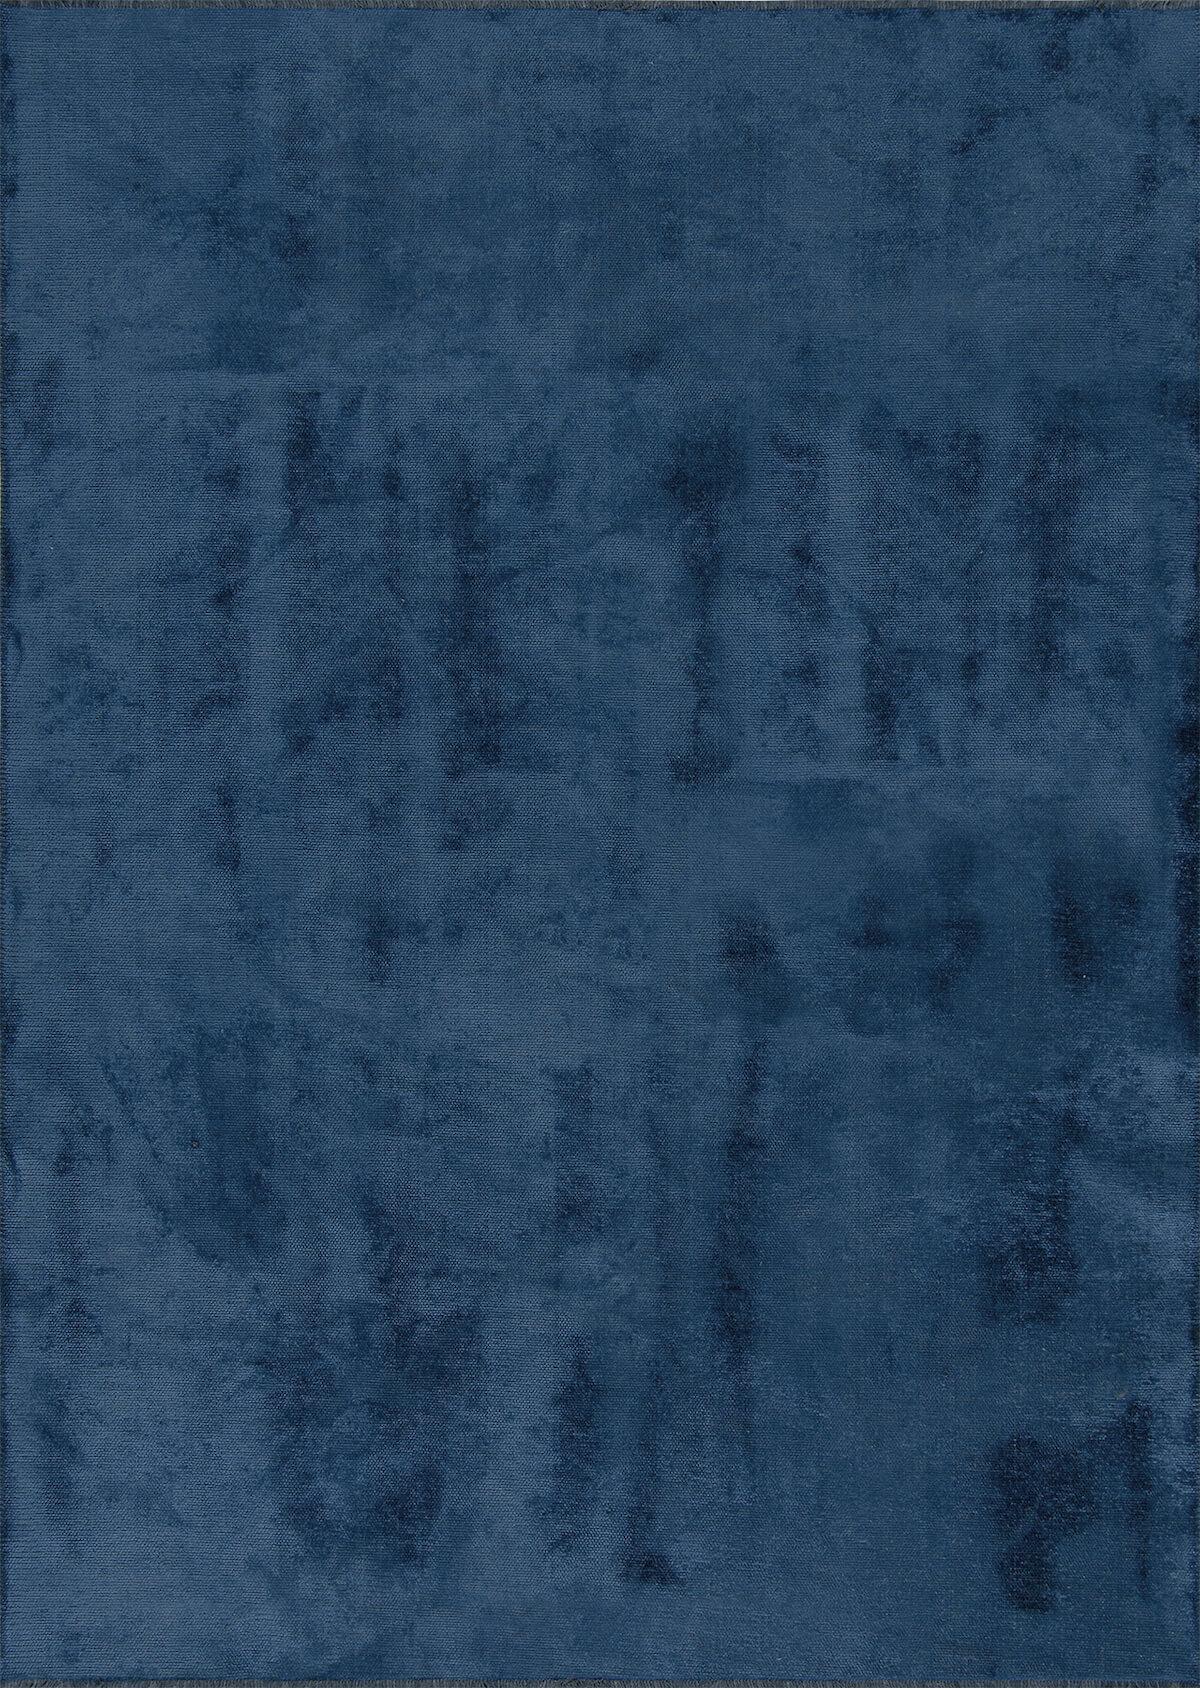 PALERMO KİLİM 5403 MAVİ Mutfak Kilim Dekoratif Kilim